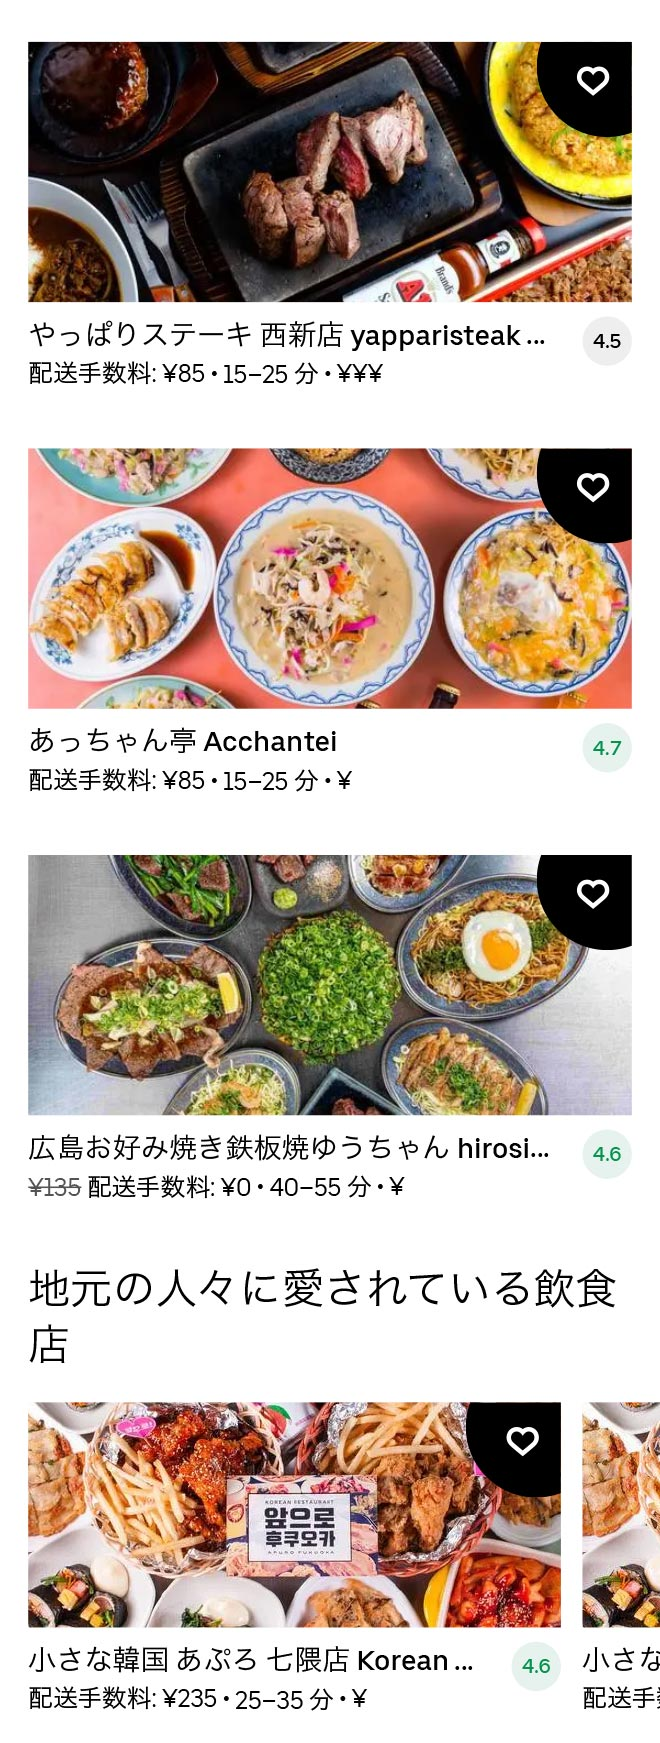 Nishijin menu 2101 06